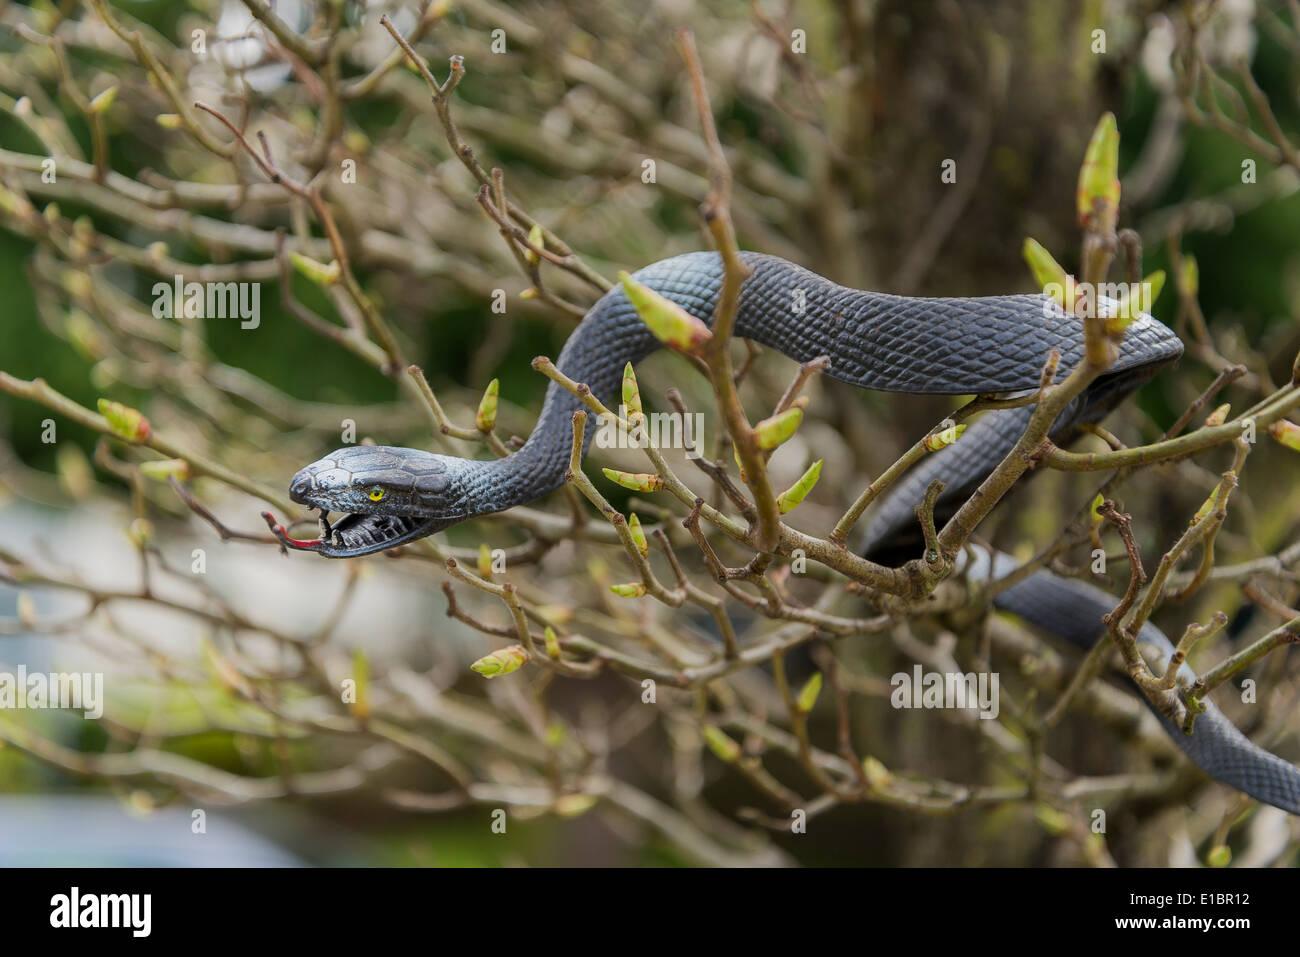 Serpent en plastique dans l'arbre Photo Stock